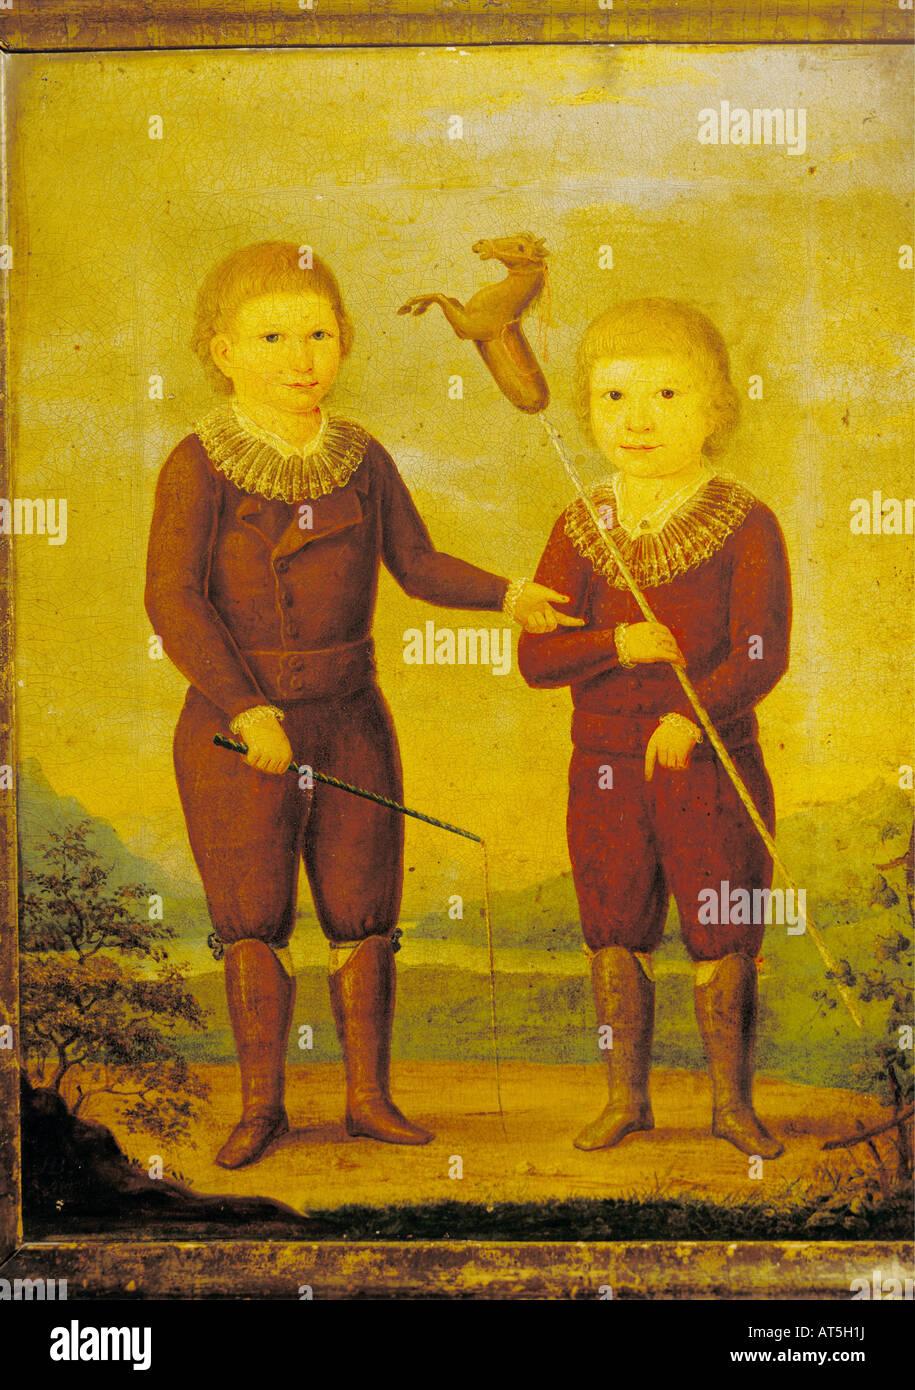 Bildende Kunst, Romantik, zwei Kinder der Kindt Familie aus Pulsnitz in Sachsen, unbekannter Künstler, Malerei, Stockbild